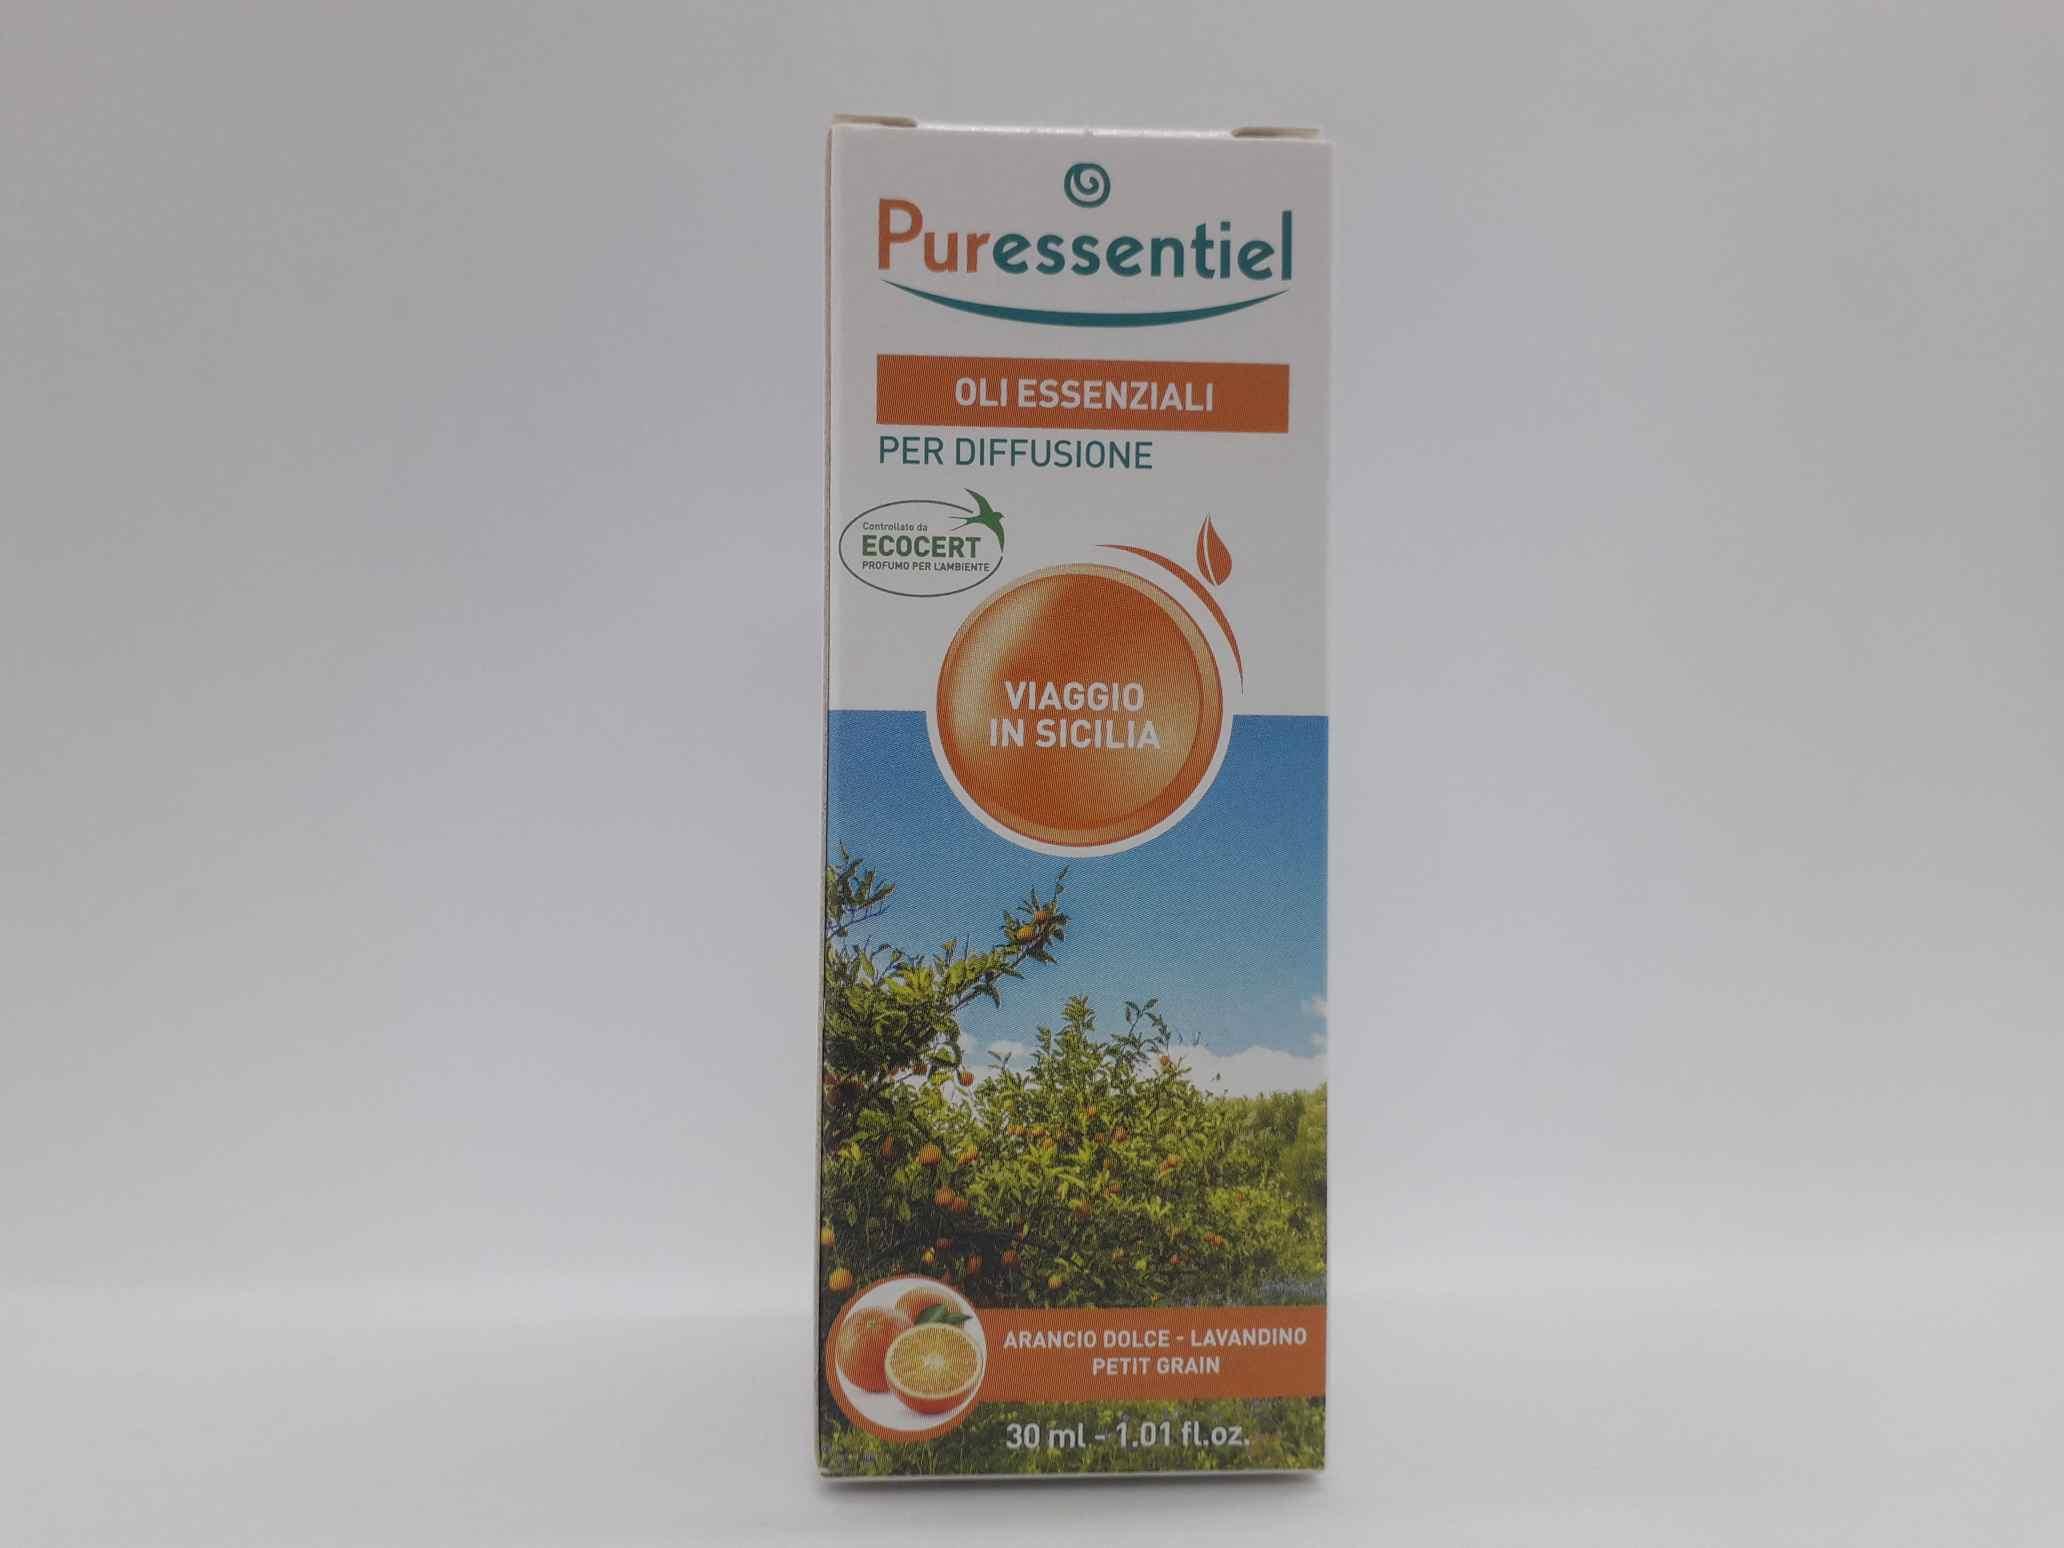 PURESSENTIEL MISCELA DIFFUSIONE VIAGGIO SICILIA 30 ML - Farmaciaempatica.it